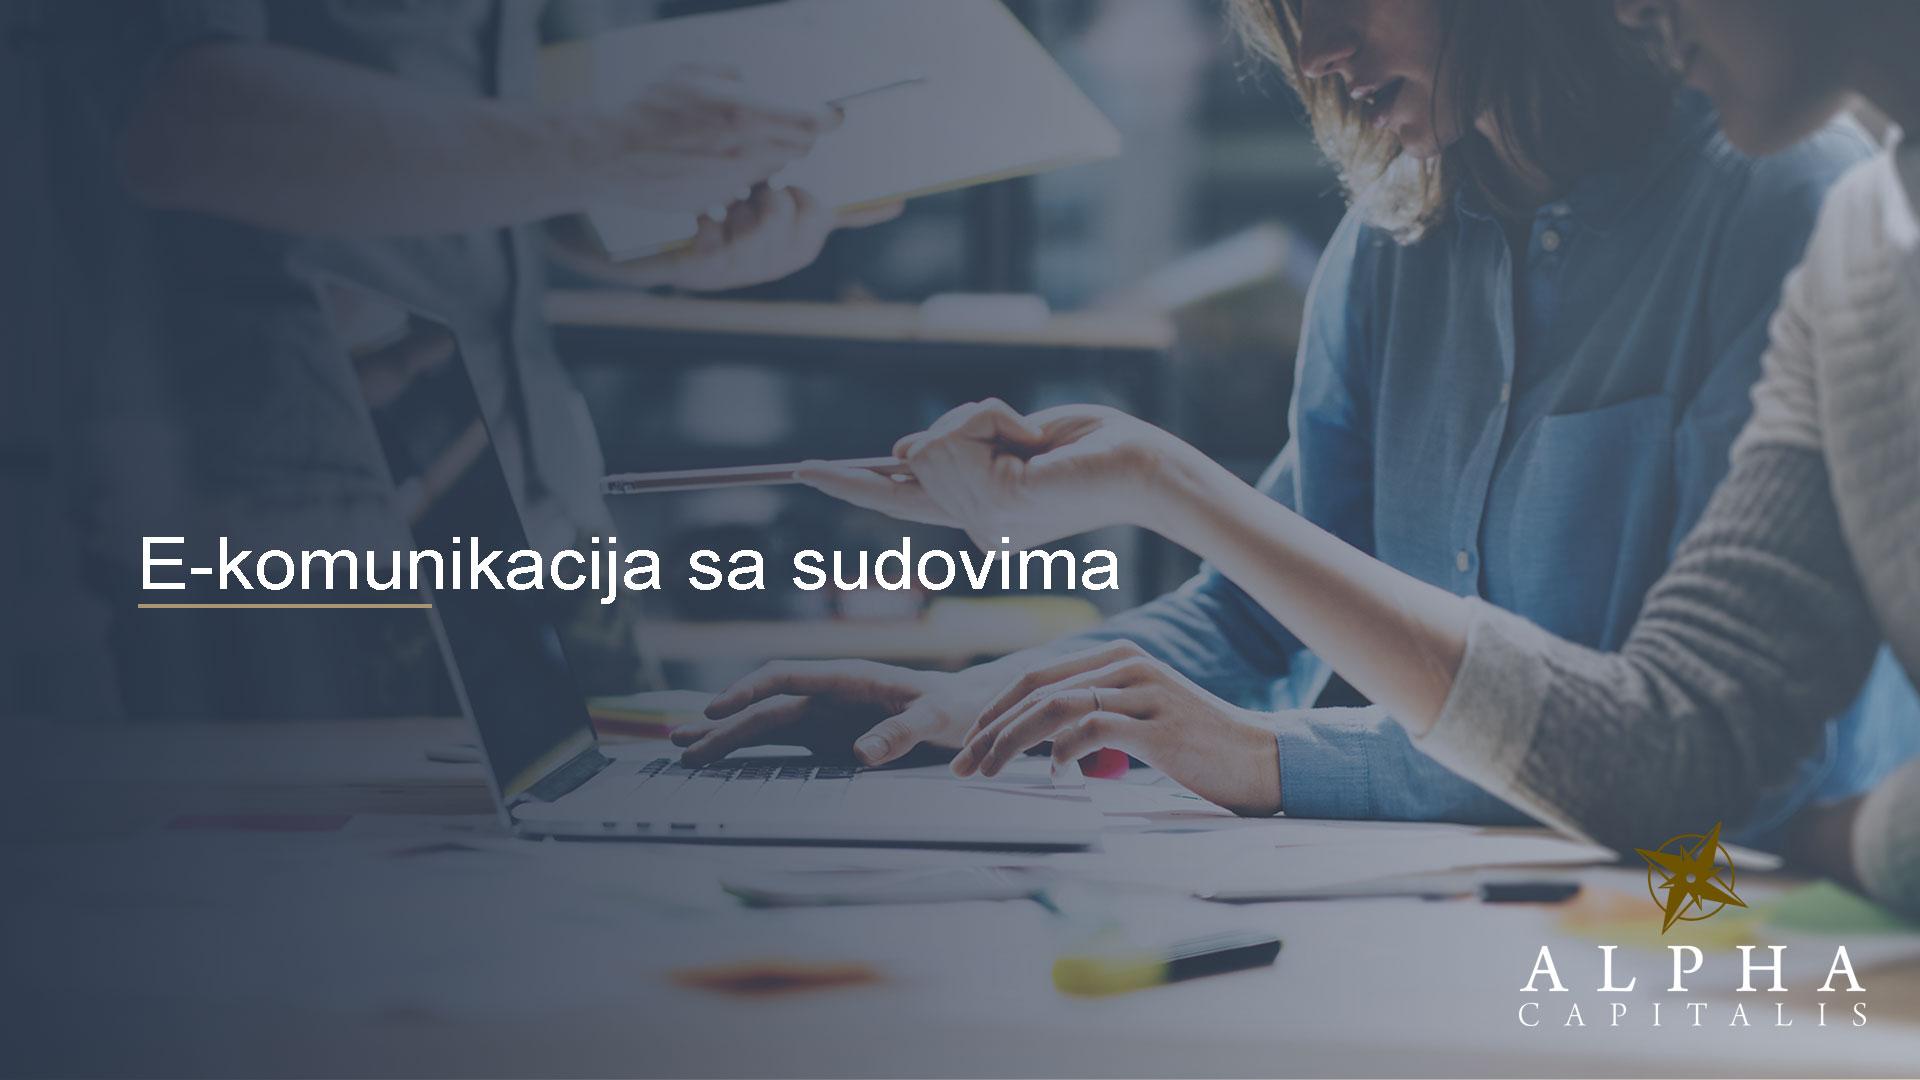 Alpha-Capitalis-novosti-e-komunikacija-sa-sudovima